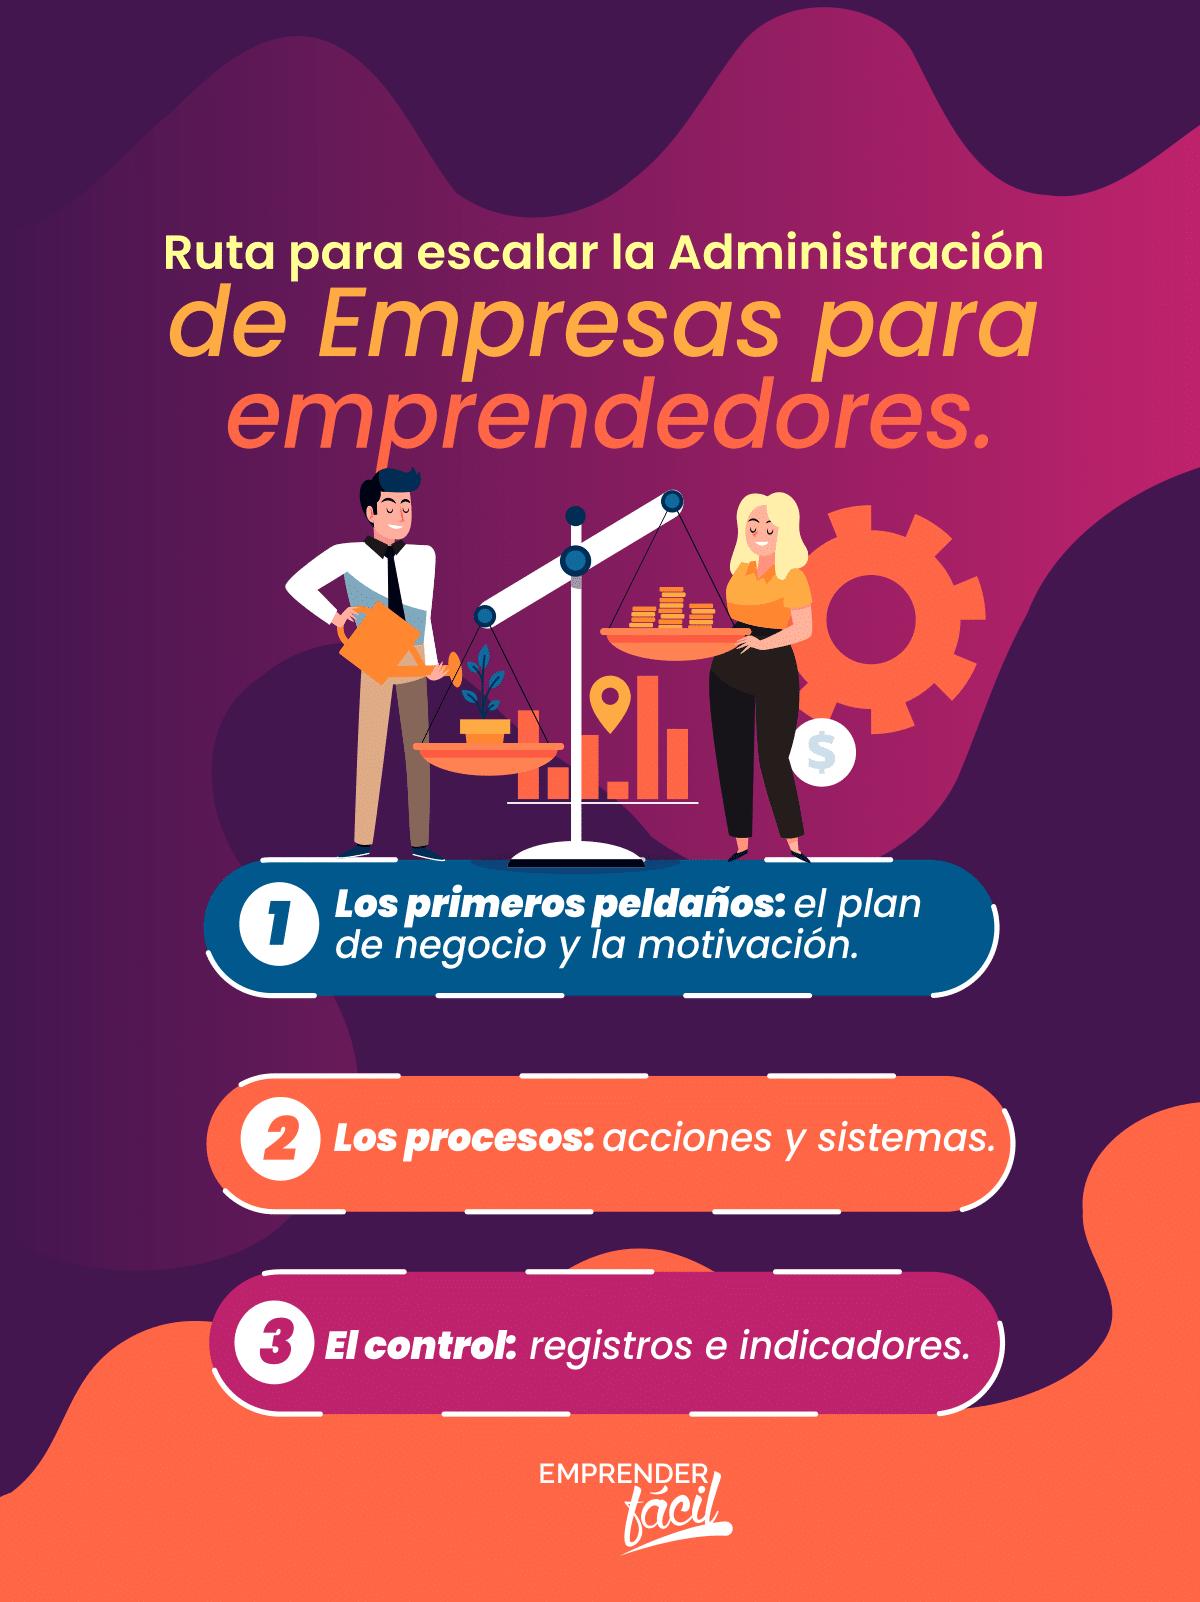 3 pasos de la ruta para escalar la administración de empresas para emprendedores